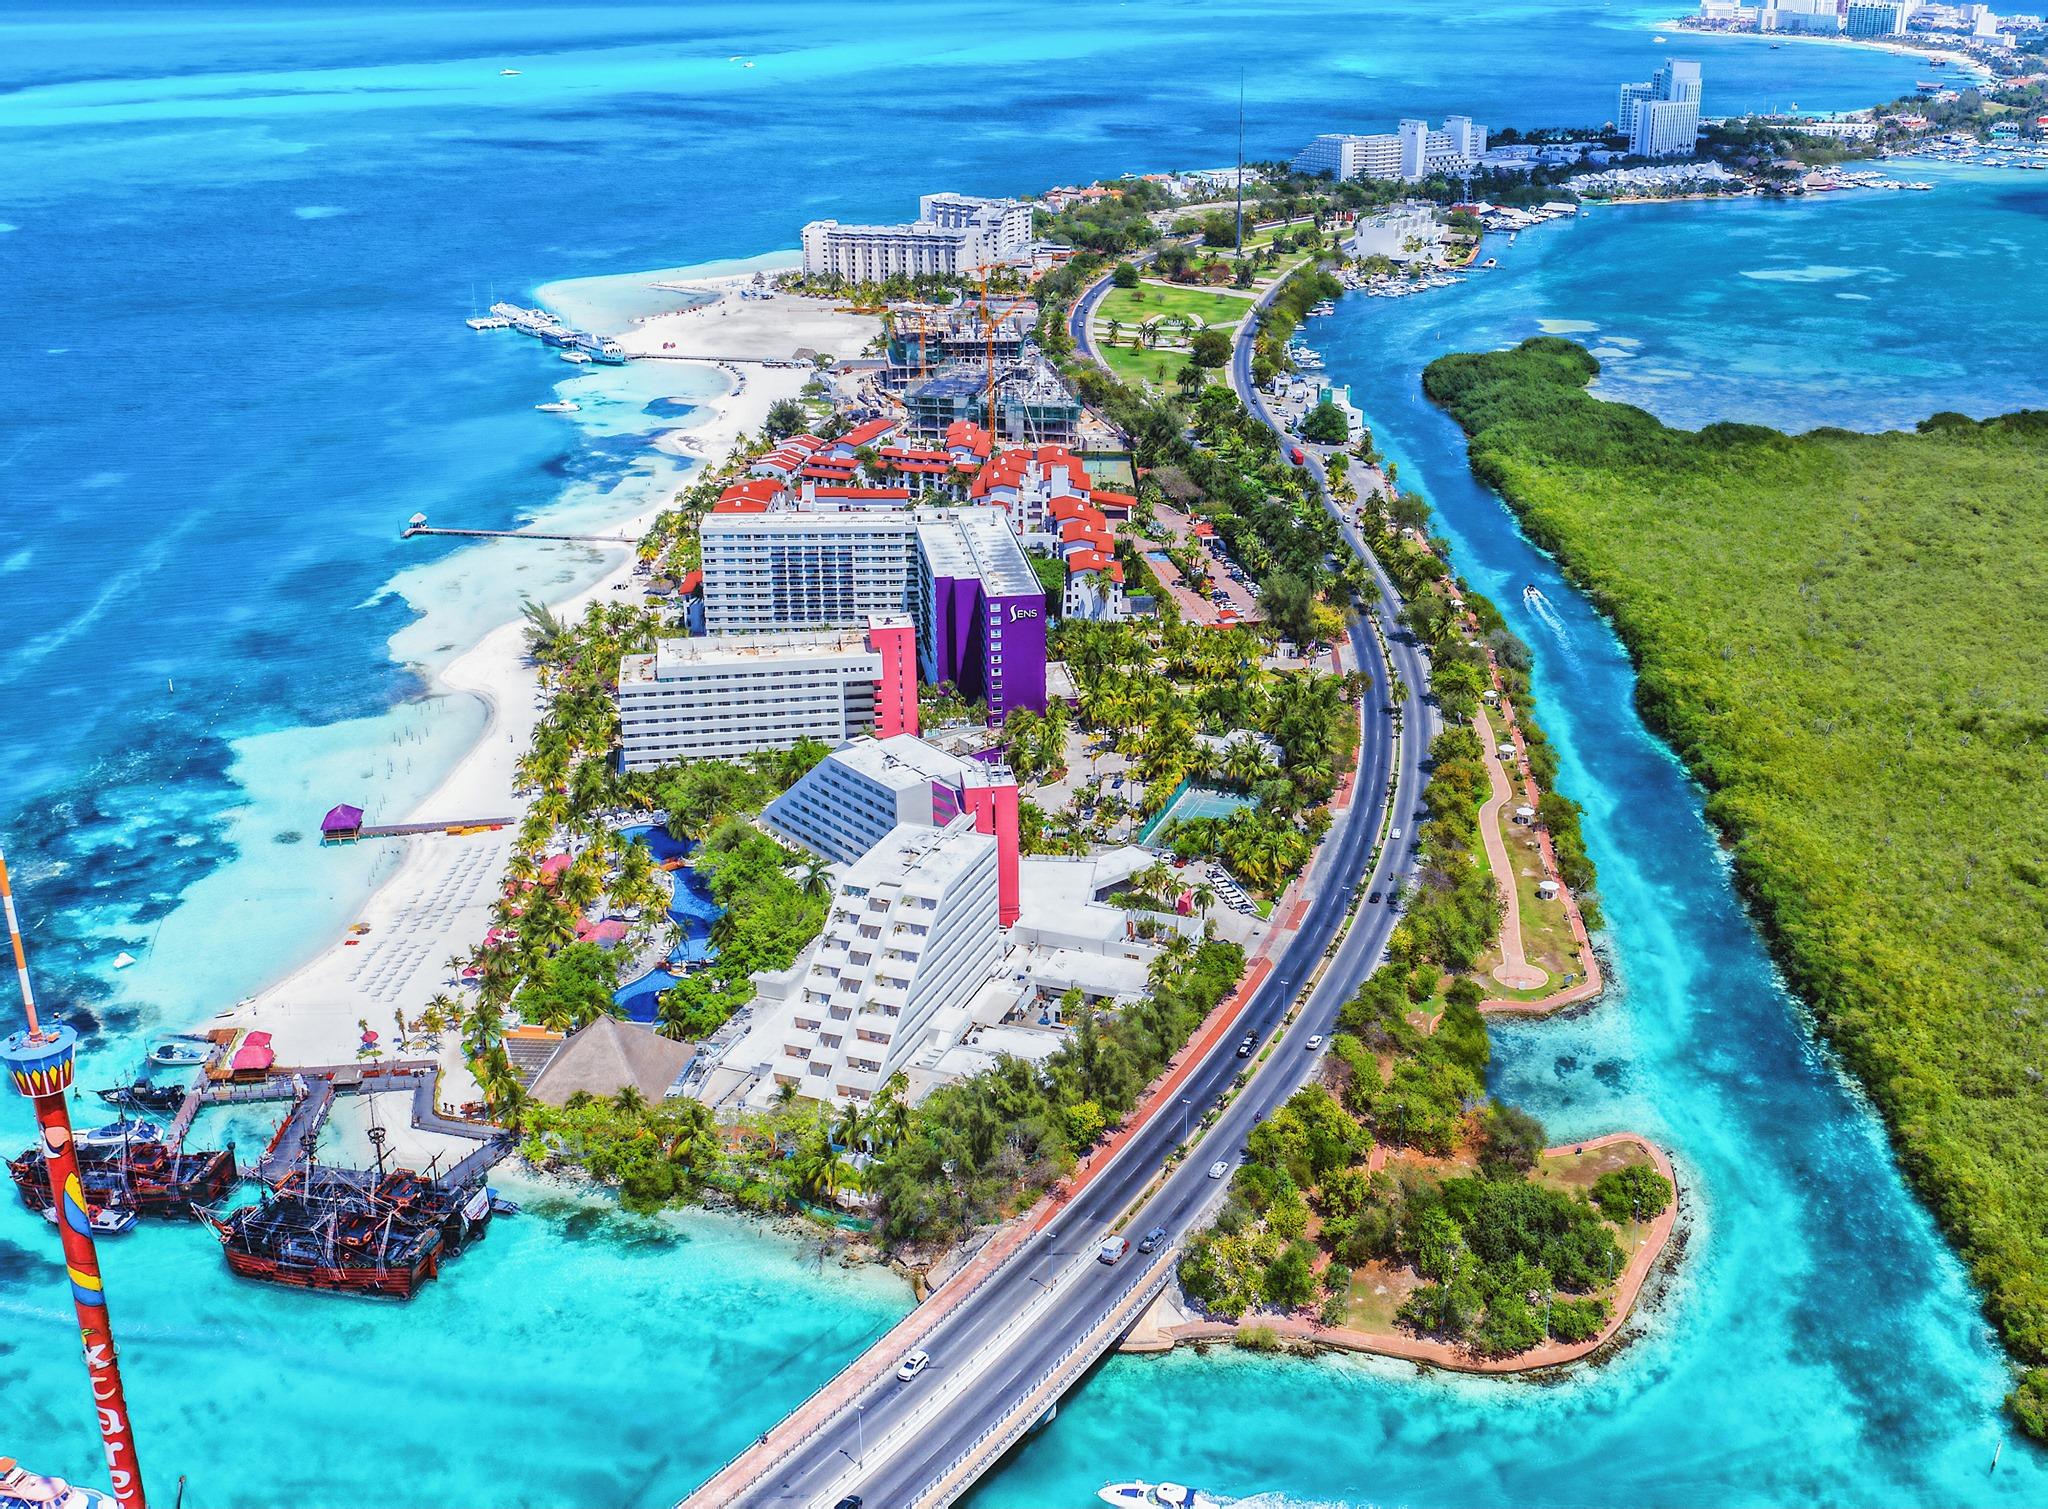 ¿Un viaje a Cancún? Conoce lo nuevo de Oasis Hotels & Resorts